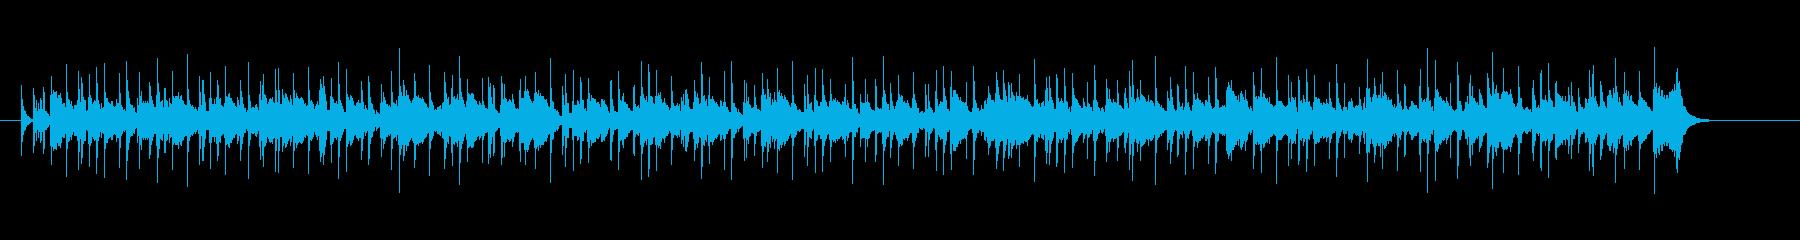 落ち着いた歌謡曲の再生済みの波形